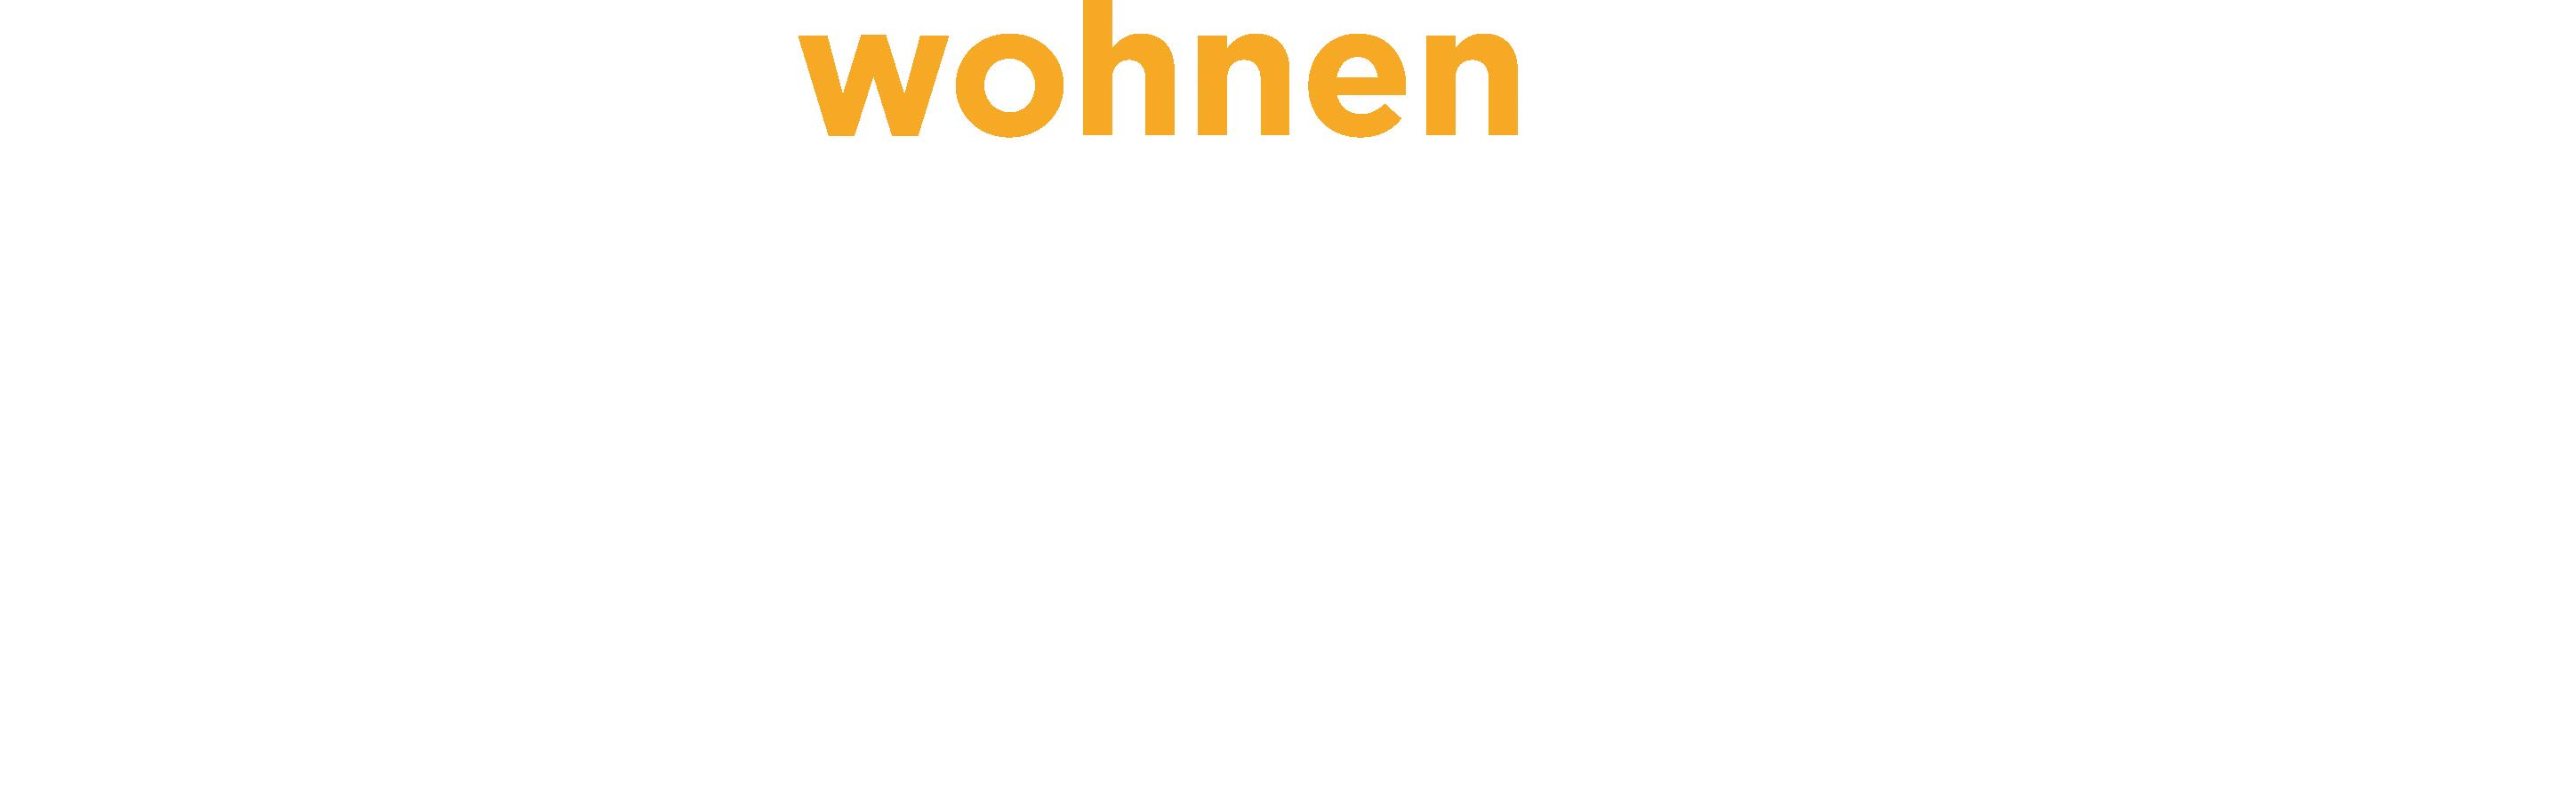 Lachmayr Möbelwerkstätte Ges.m.b.H